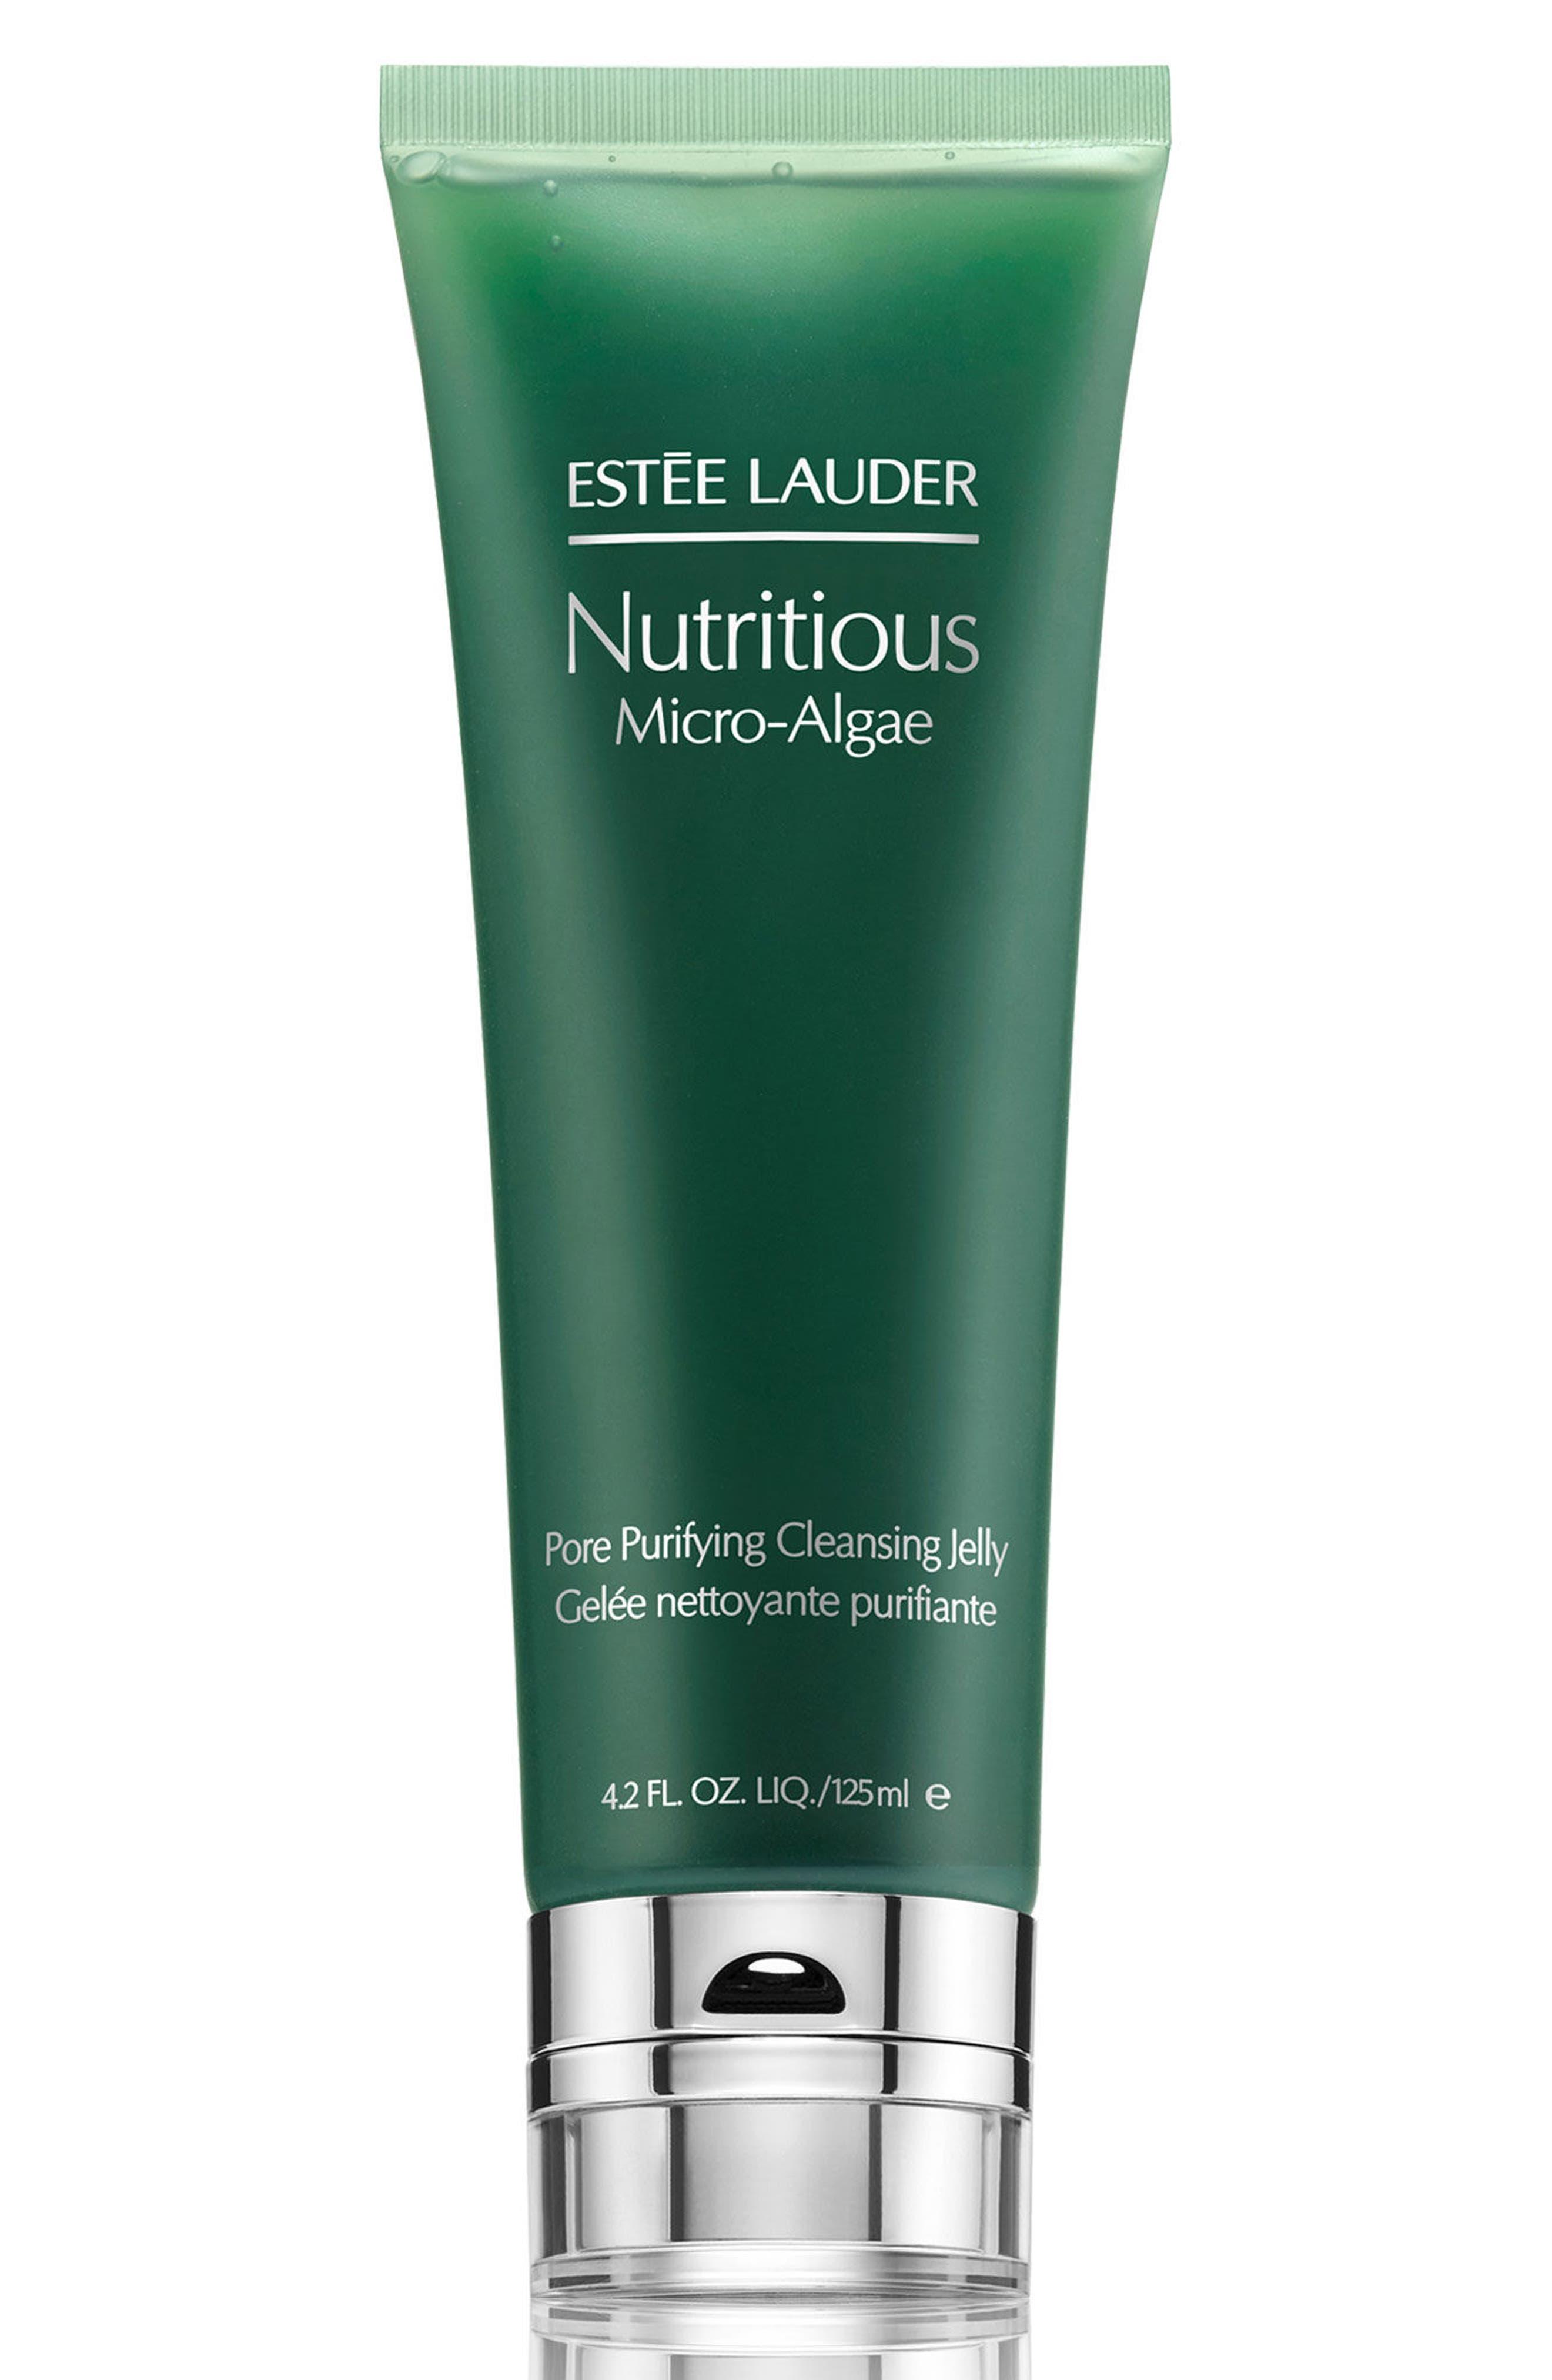 ESTÉE LAUDER, Nutritious Micro-Algae Pore Purifying Cleansing Gel, Main thumbnail 1, color, NO COLOR